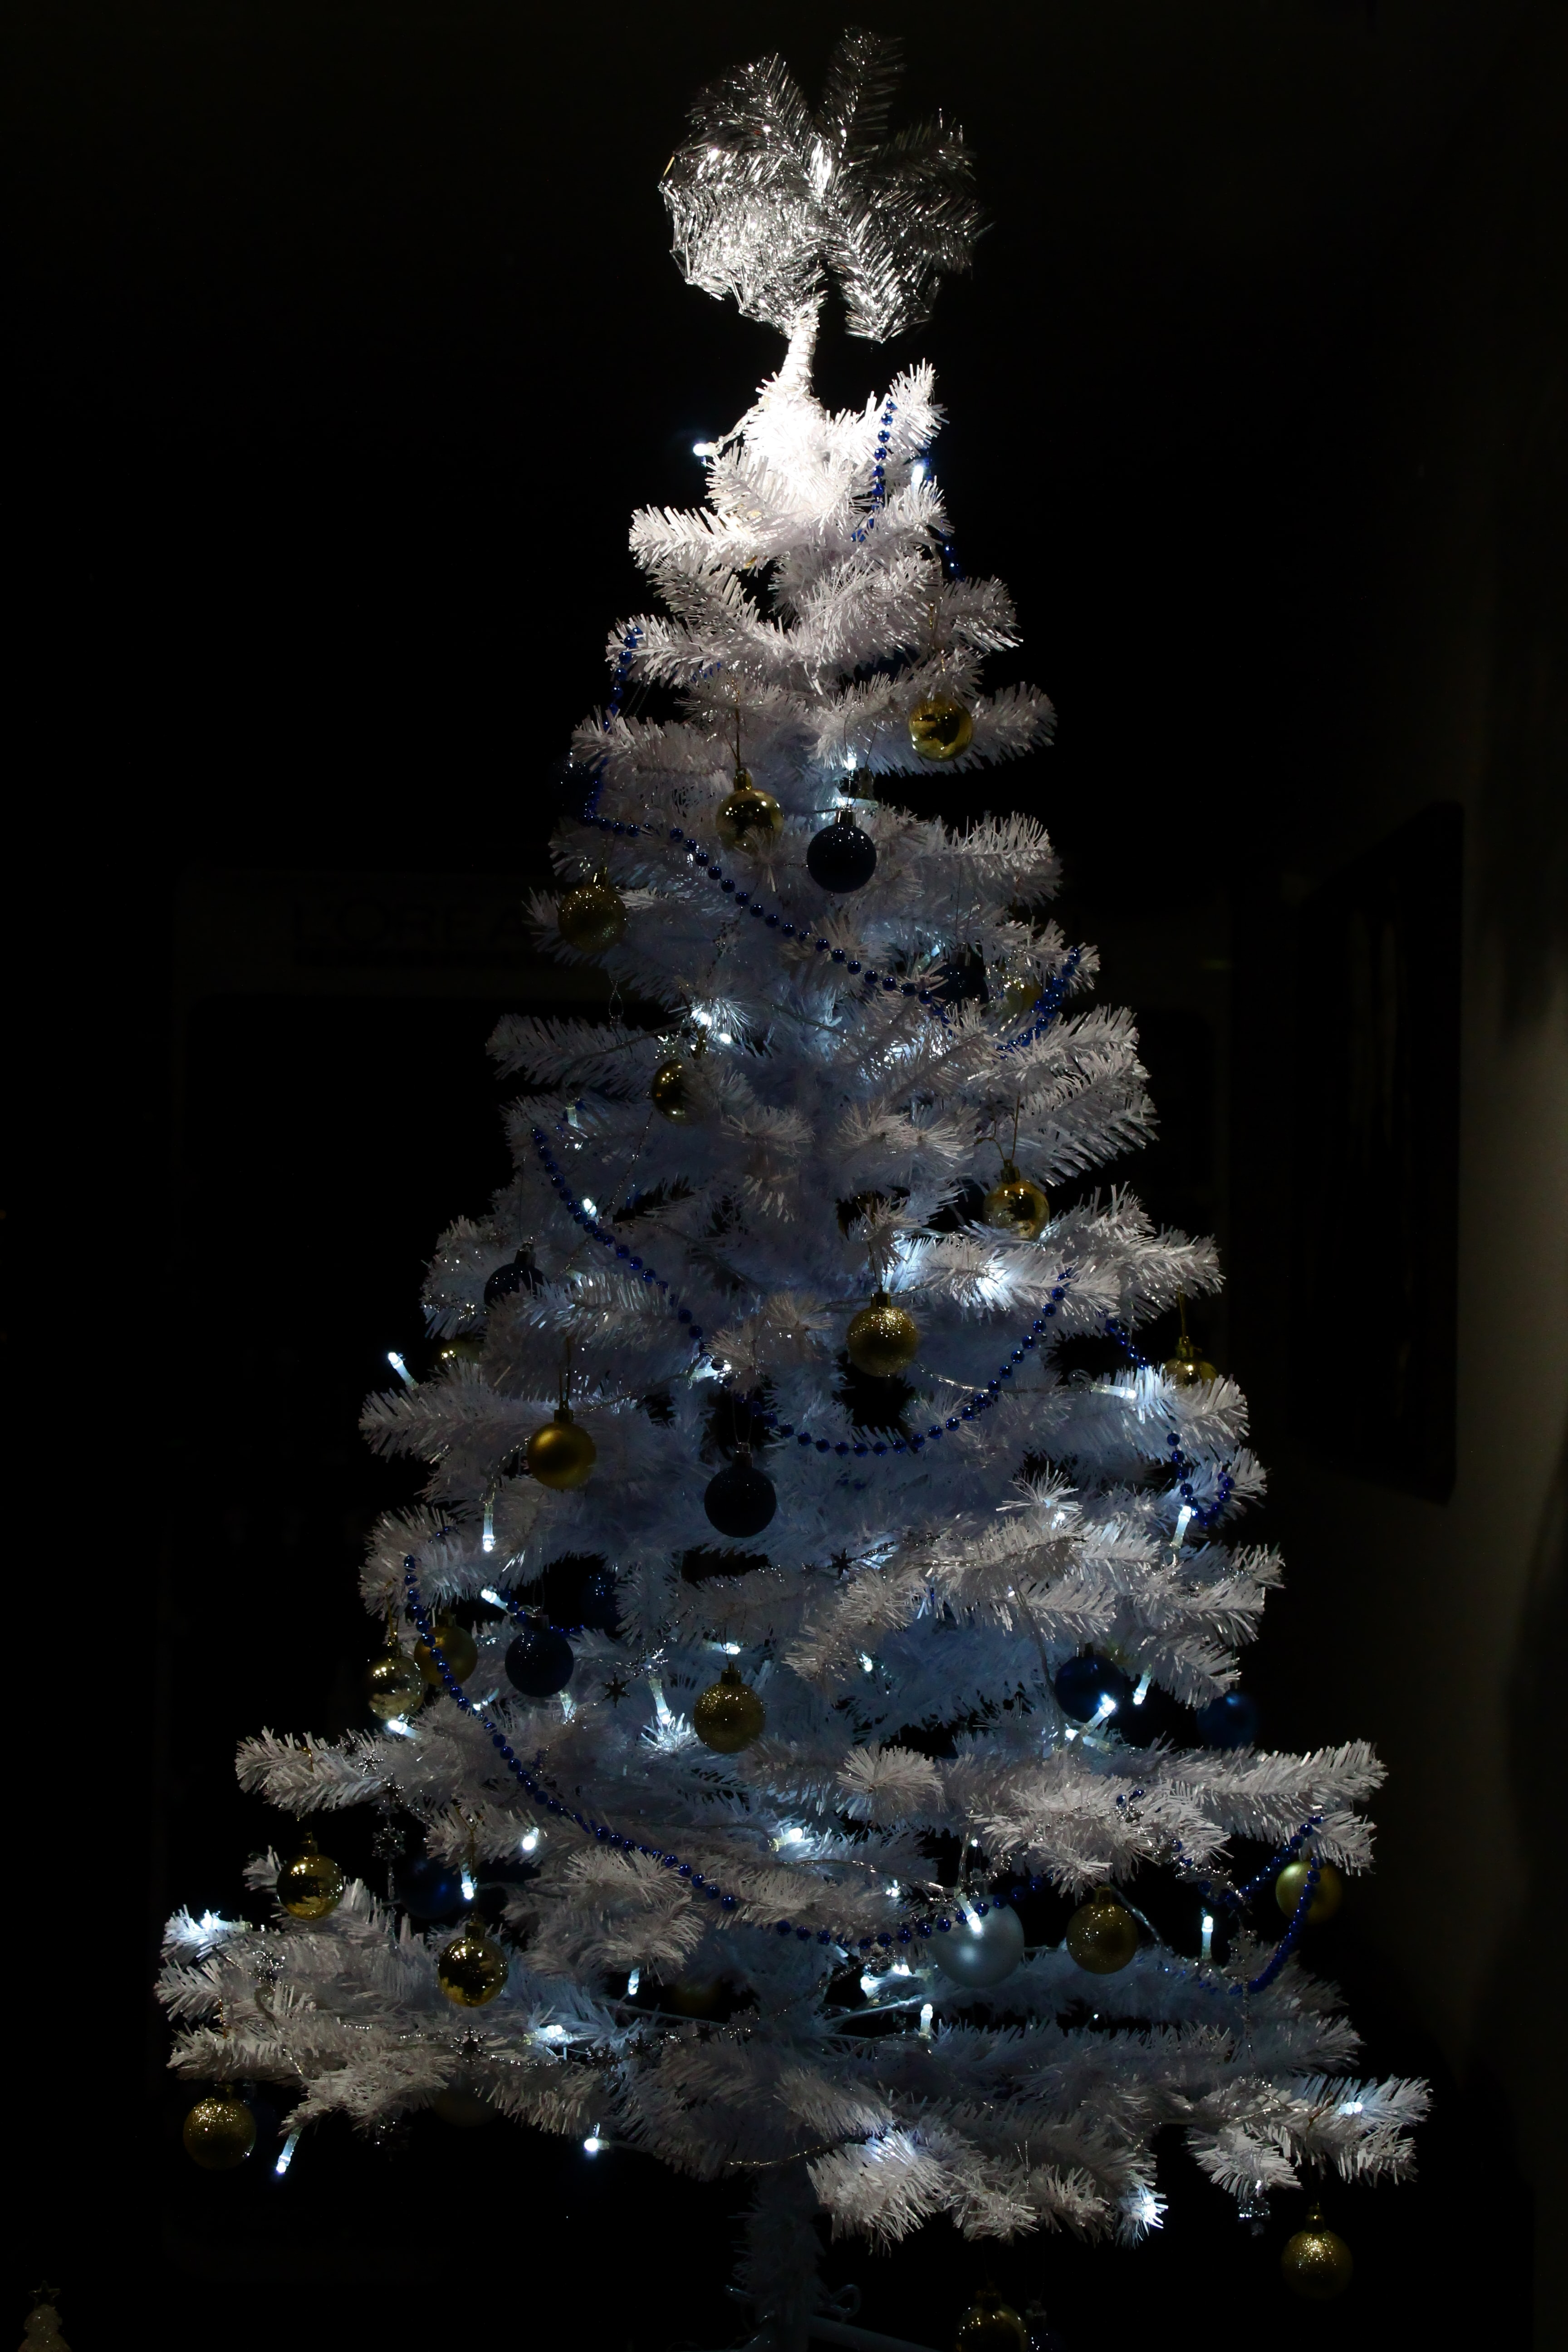 White And Blue Christmas Tree Photo Free Image On Unsplash